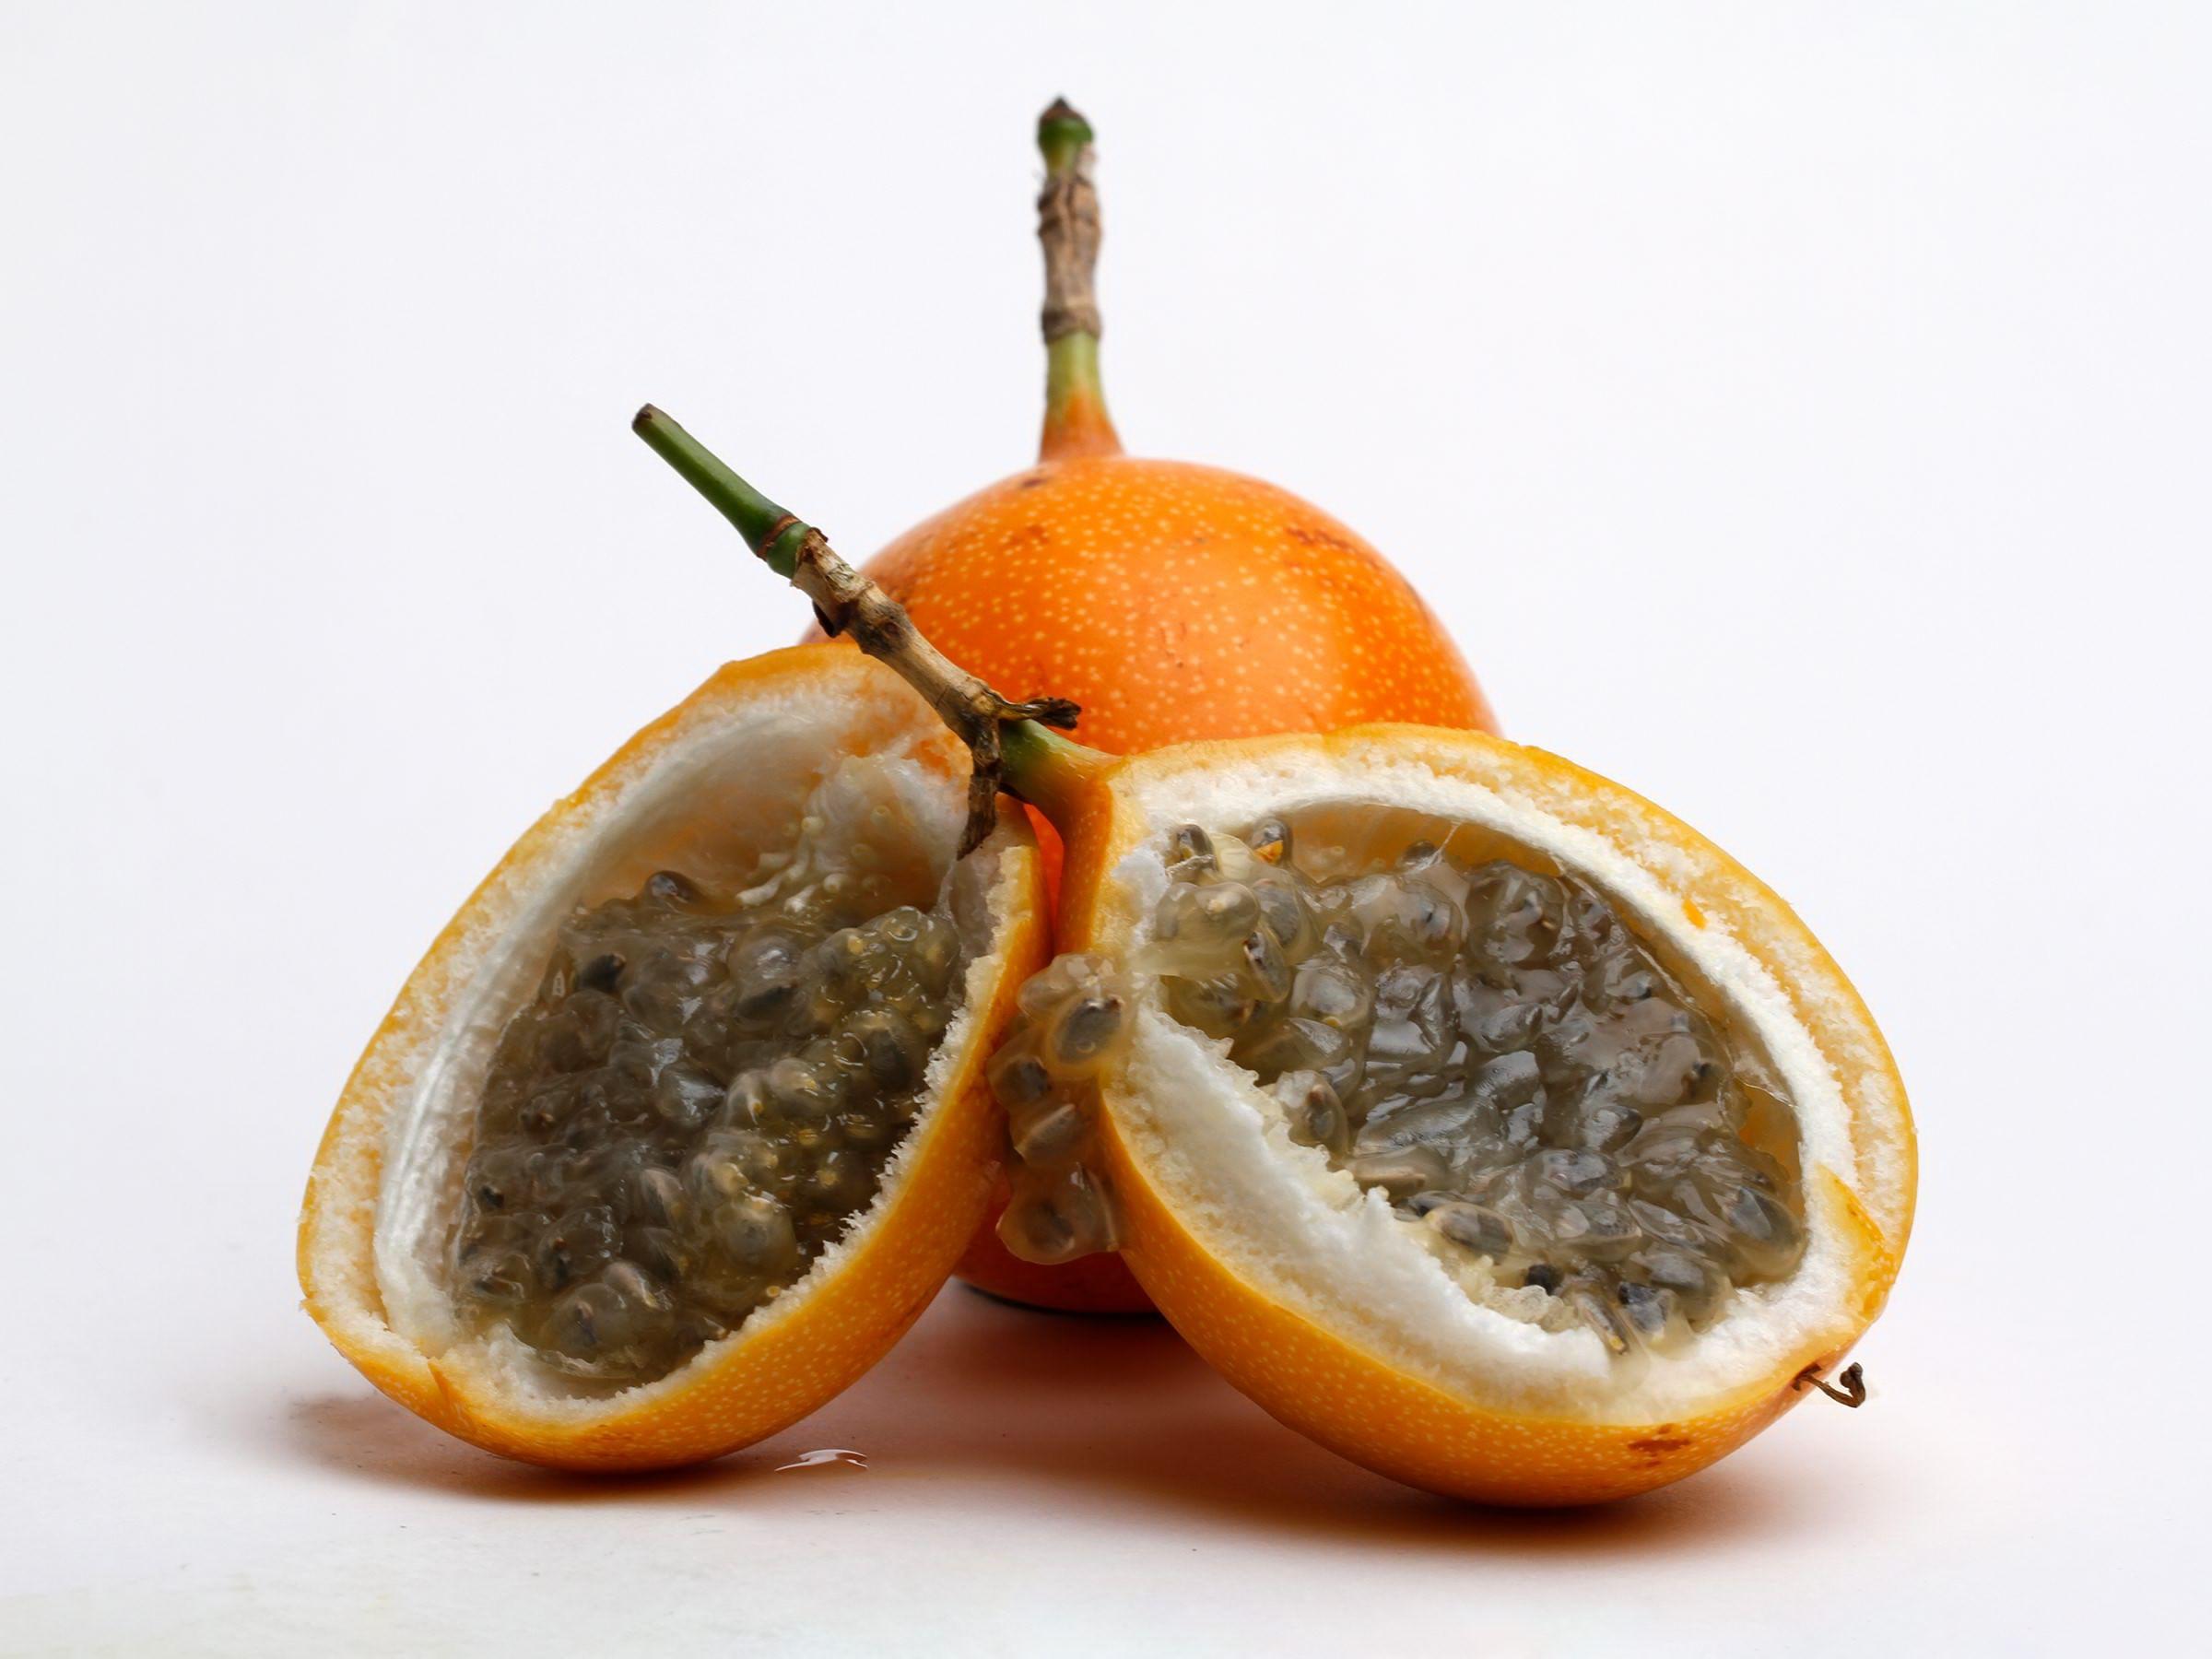 захода тропические фрукты фото и названия гранадилла умелых